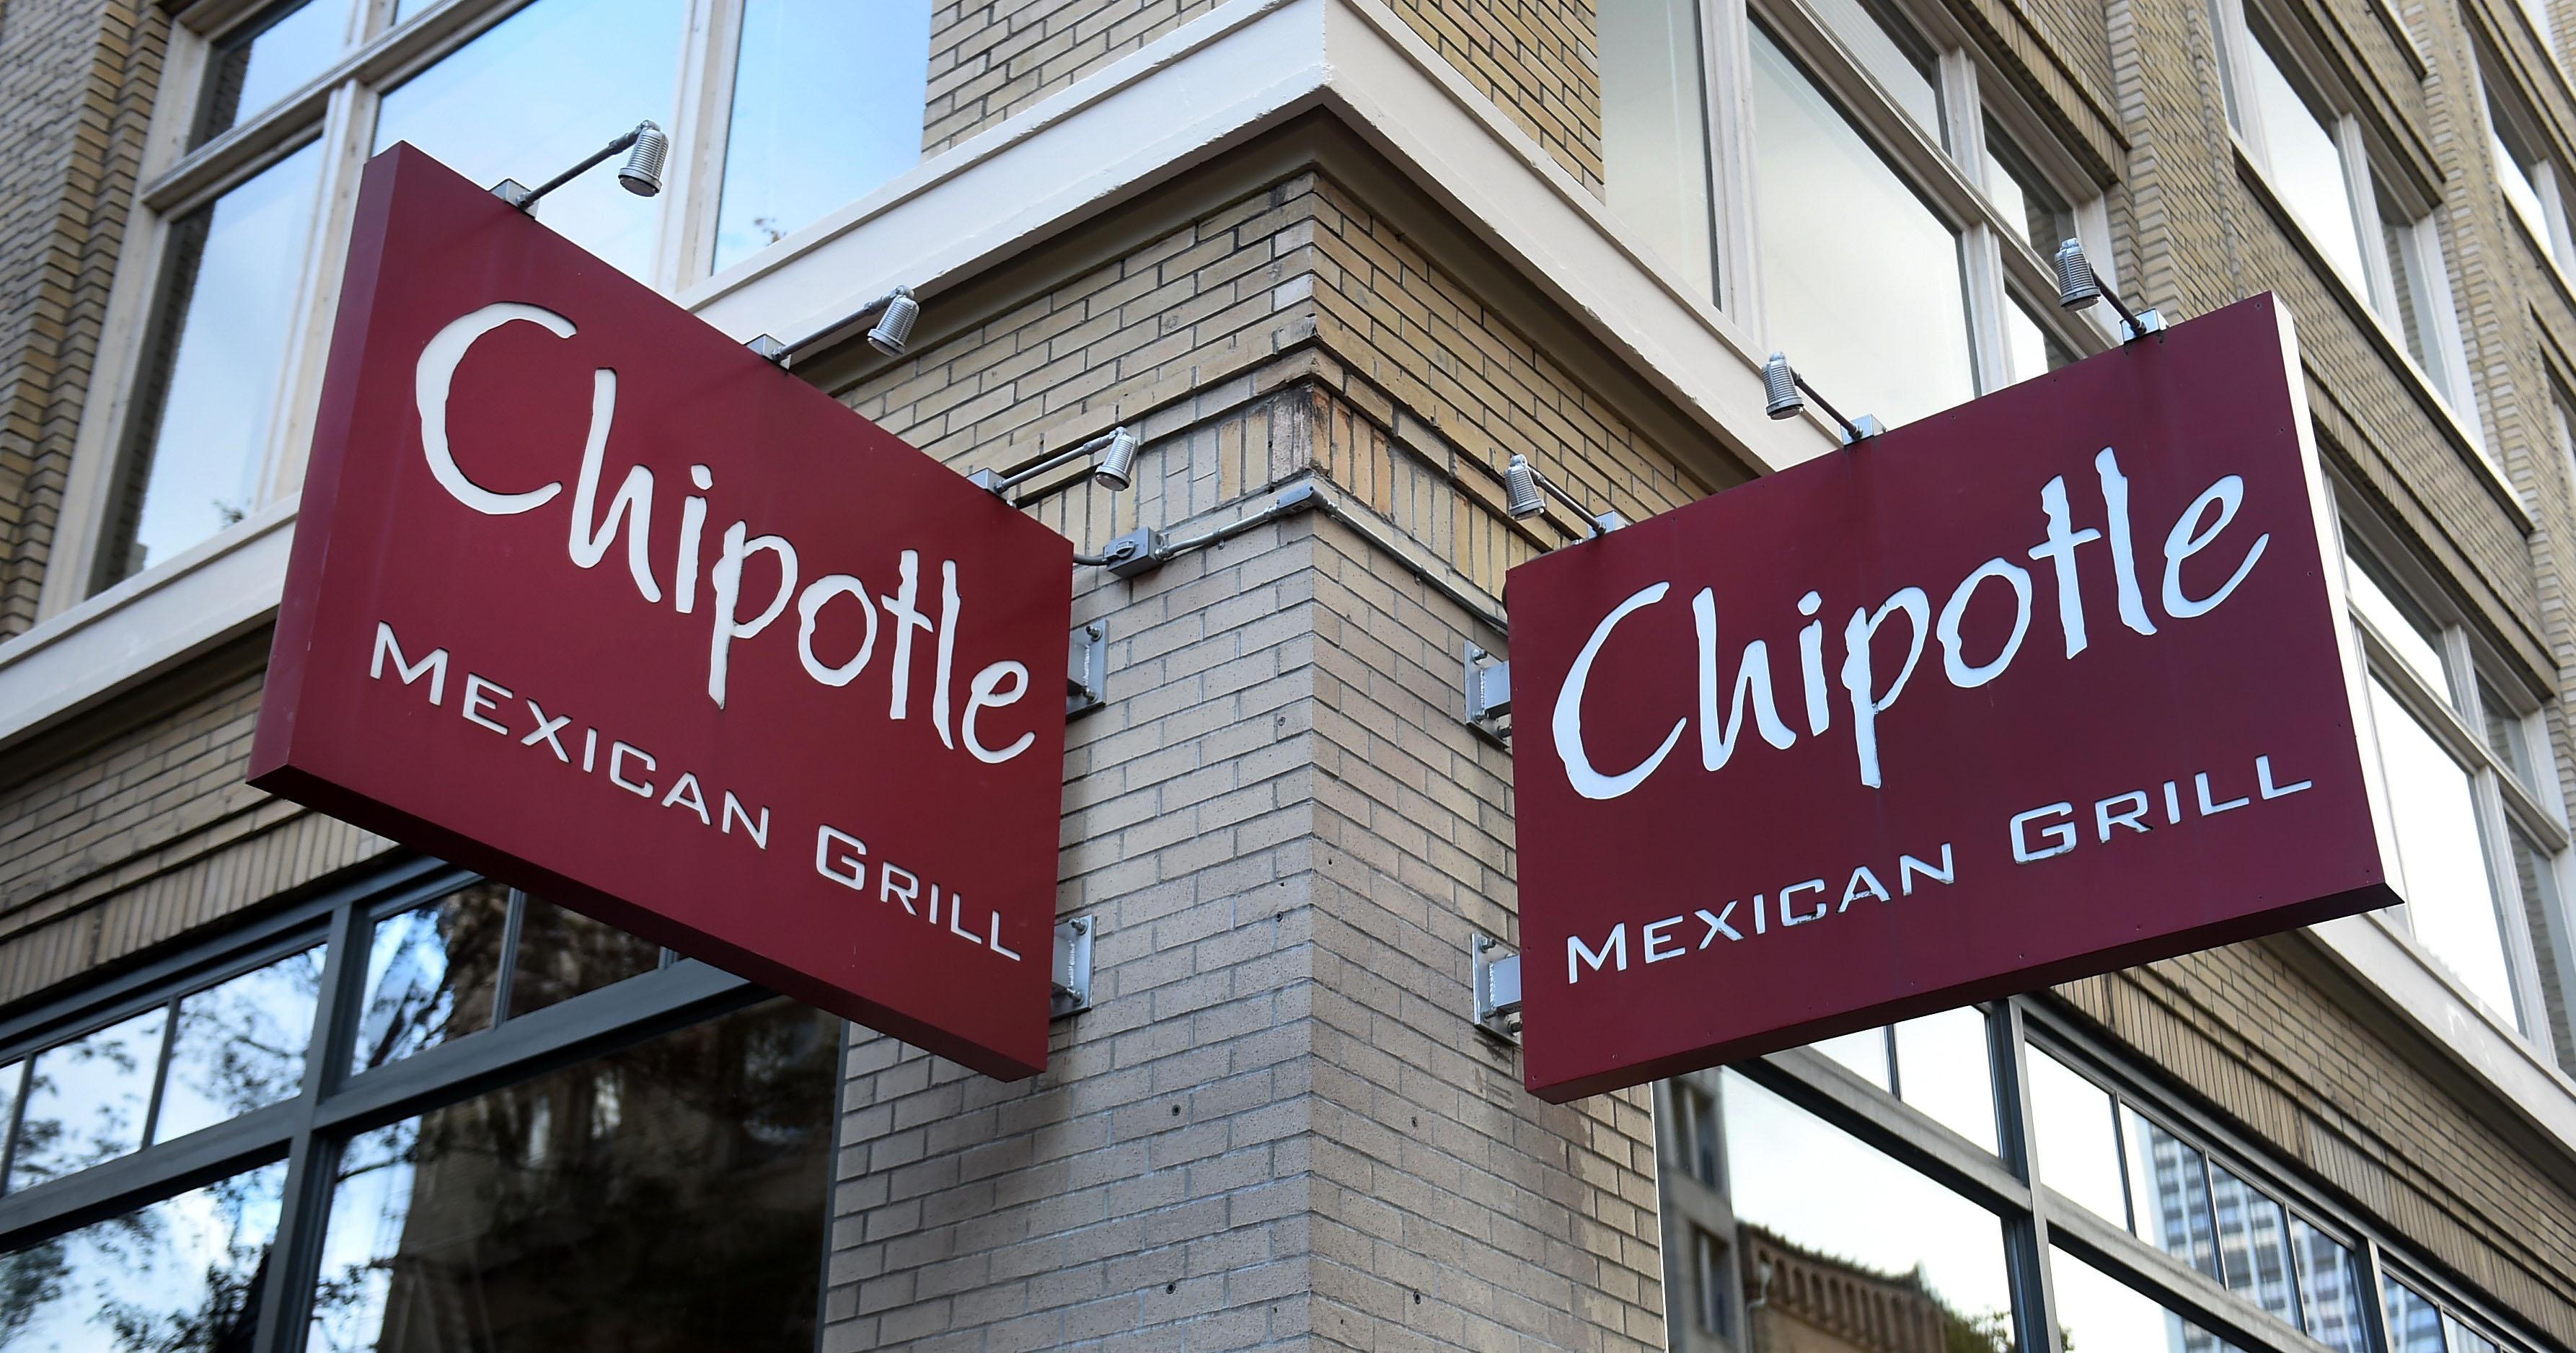 A Chipotle Mexican Grill in Portland, Oregon.